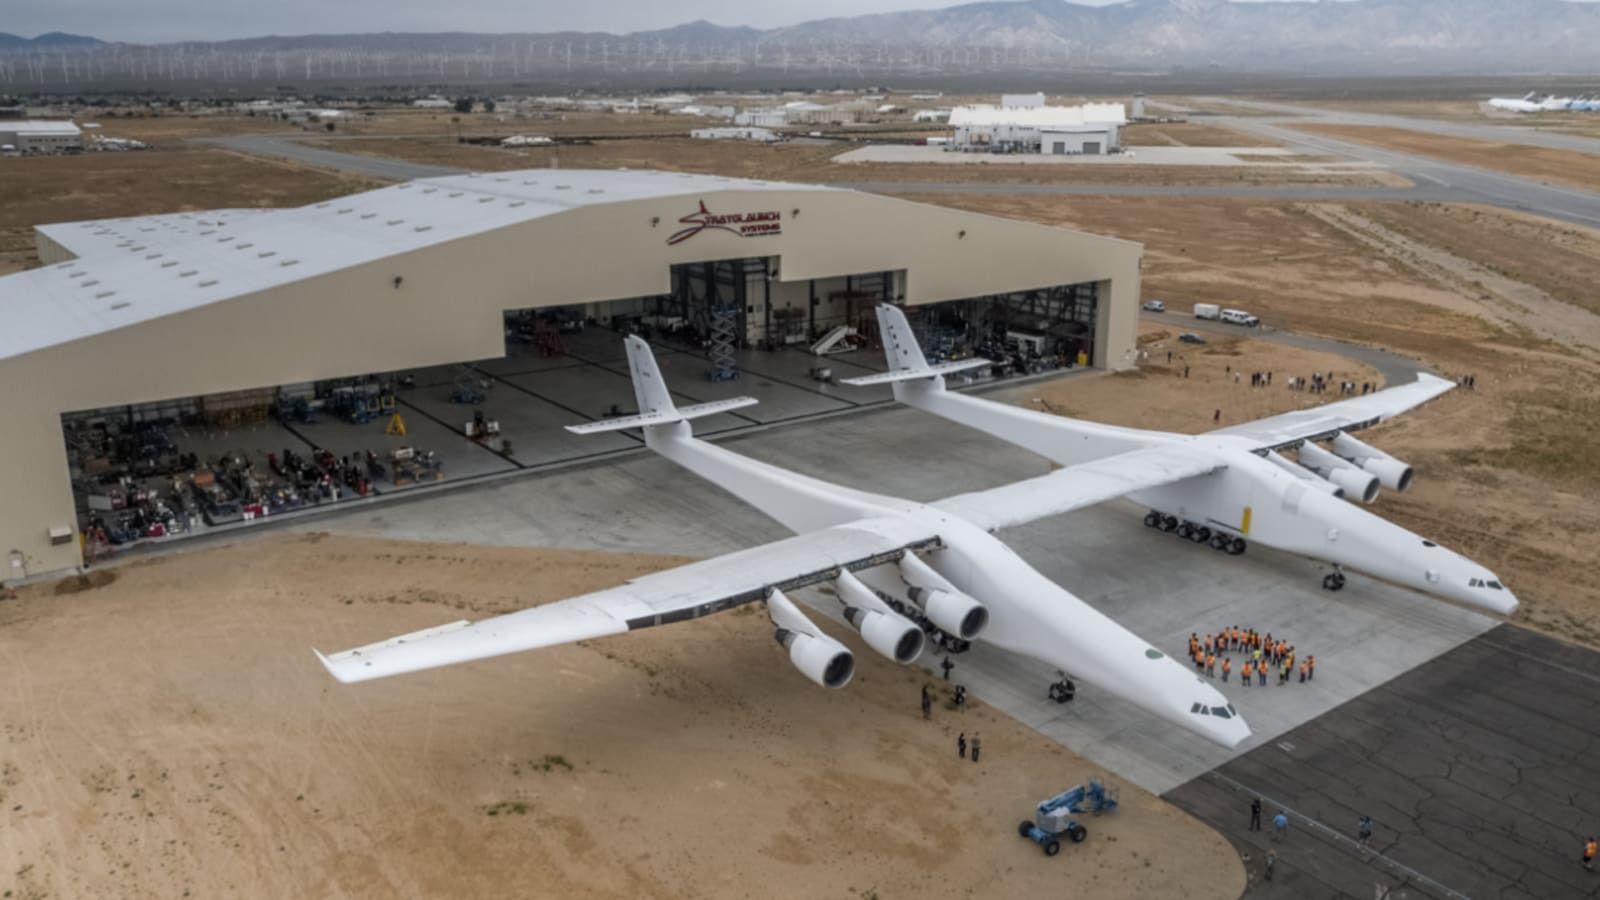 Най-големият самолет в света ще служи като въздушна стартова площадка в хиперзвуковата програма на САЩ /СНИМКИ/